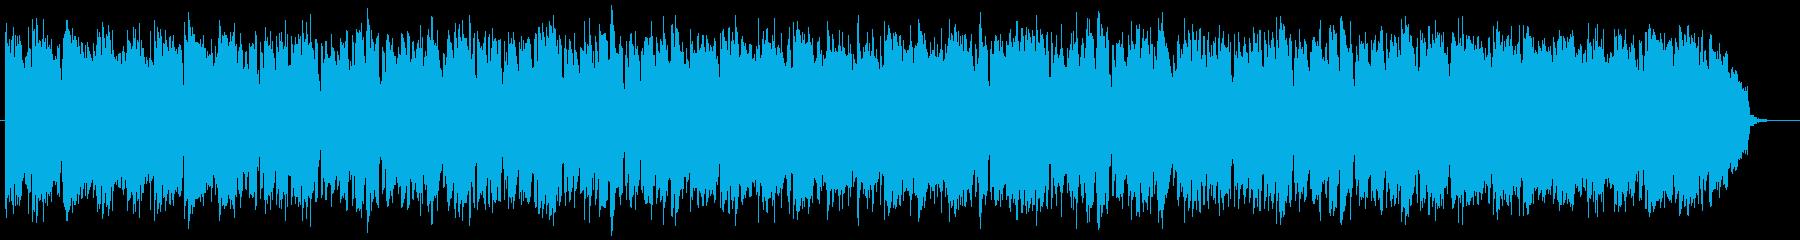 クラシカルで軽やかなピアノサウンドの再生済みの波形